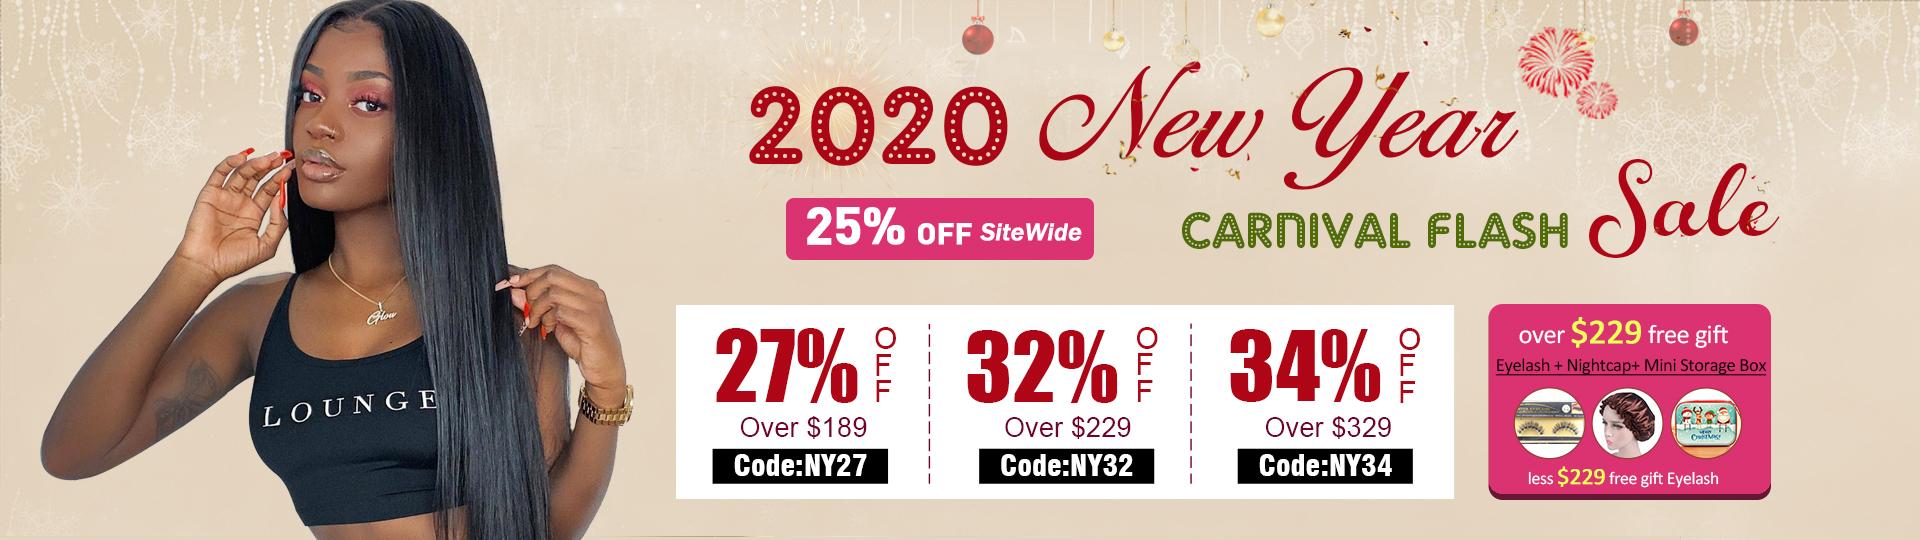 Dsoar New Year Sale